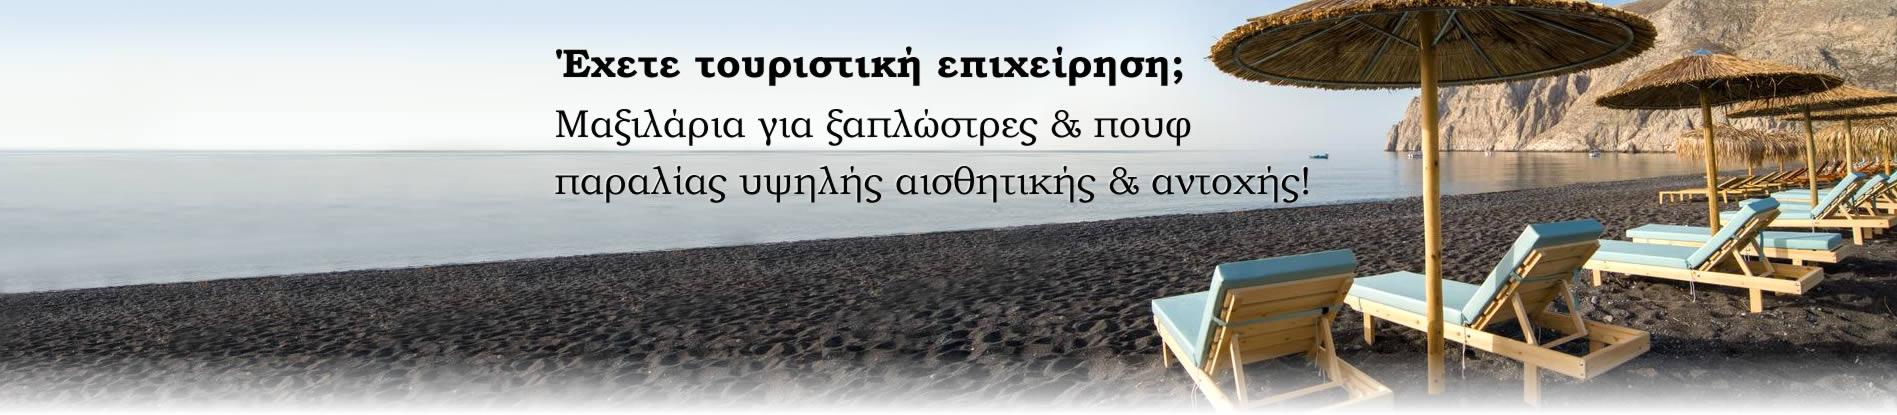 Μαξιλάρια παραλίας - πουφ παραλίας